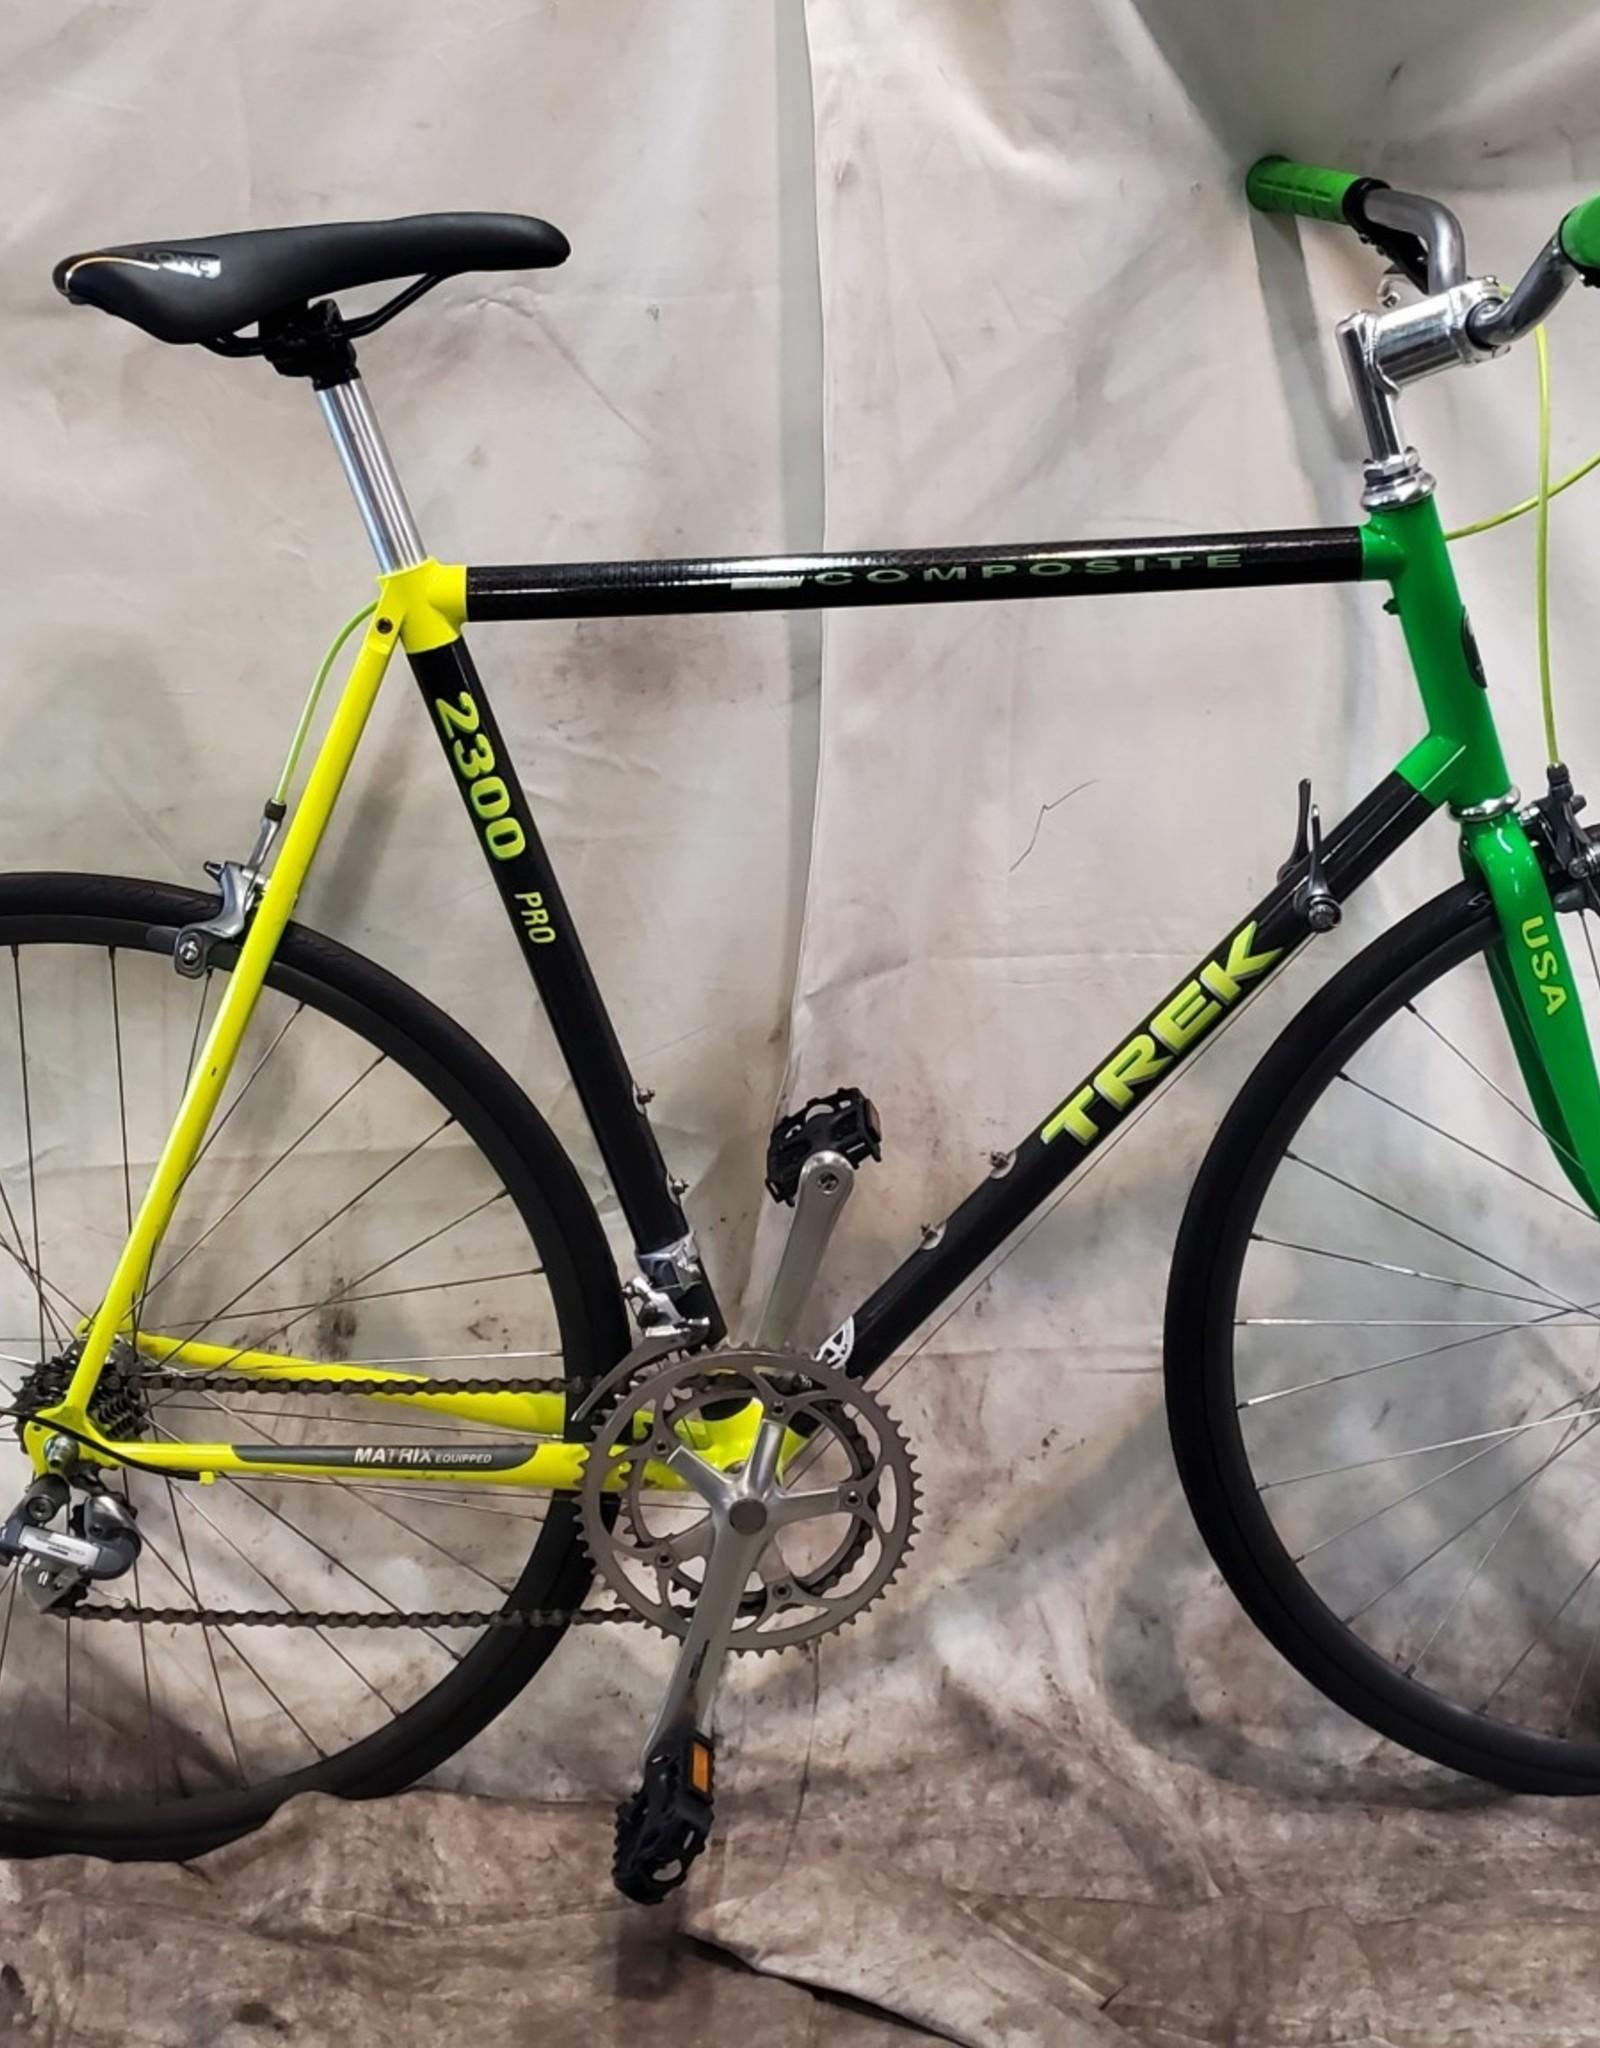 59cm Trek 2300 (2884 SFR)